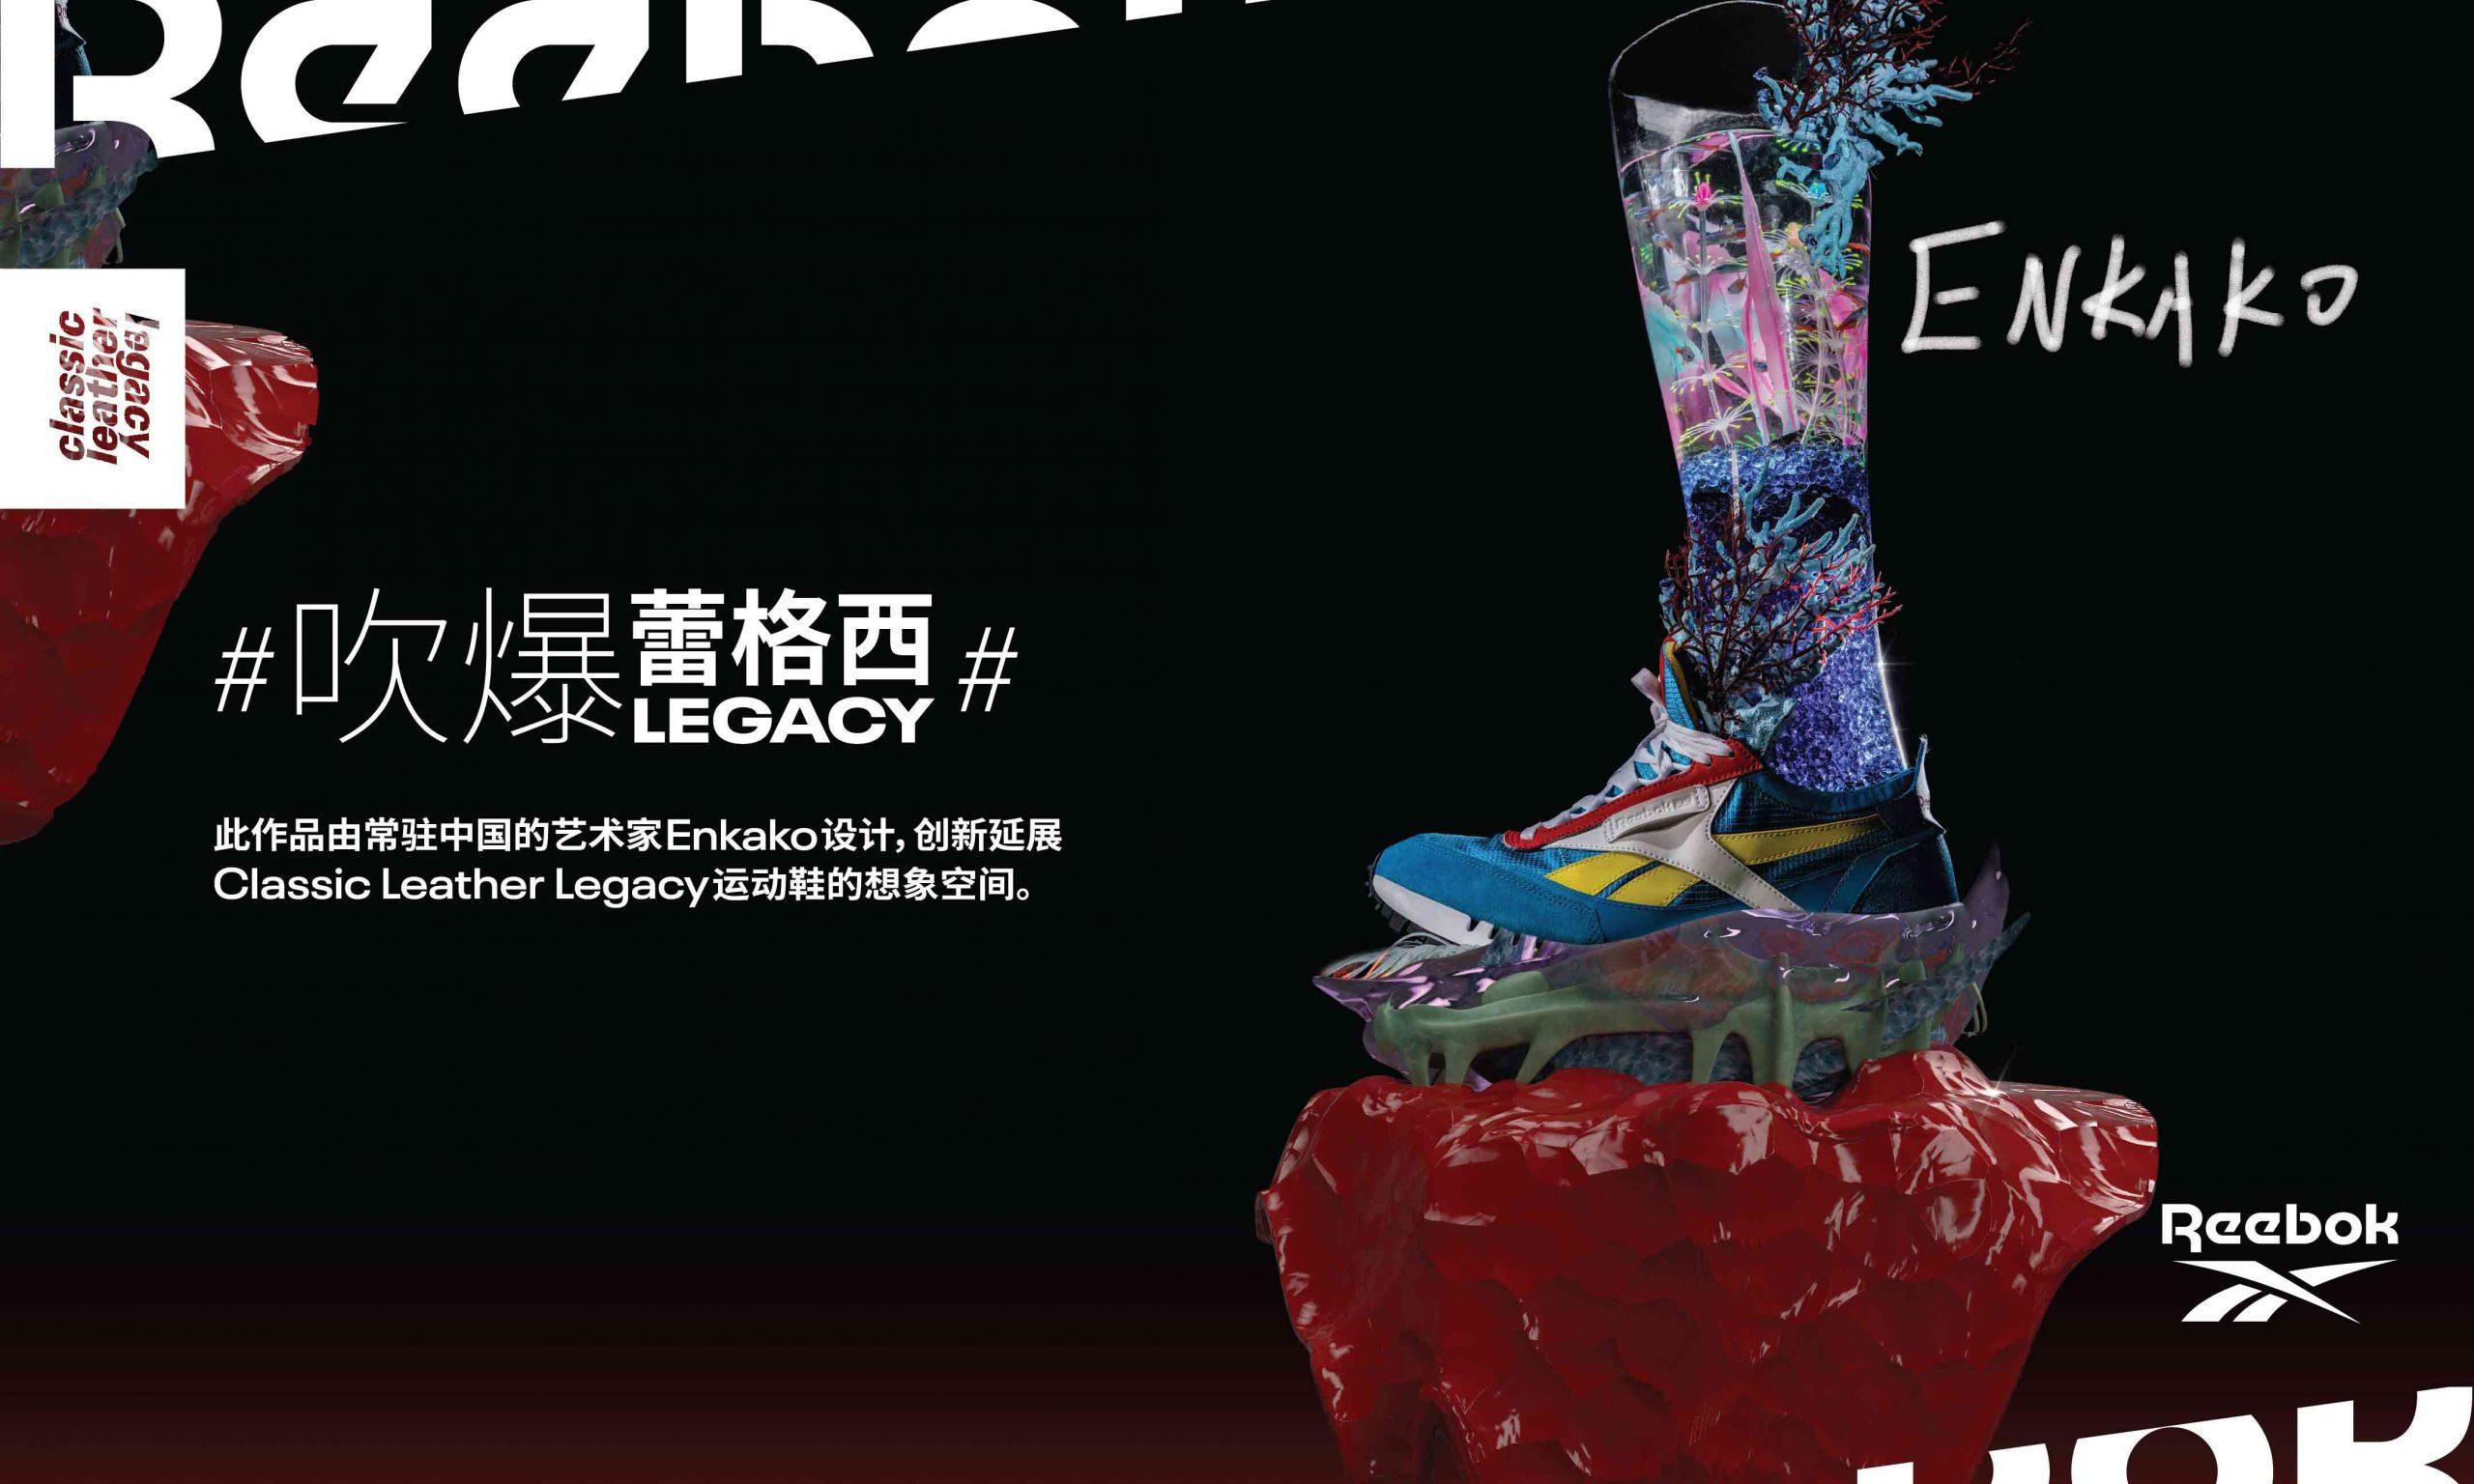 「吹爆蕾格西」,Reebok 锐步联袂新锐创意人打造 Classic Leather Legacy